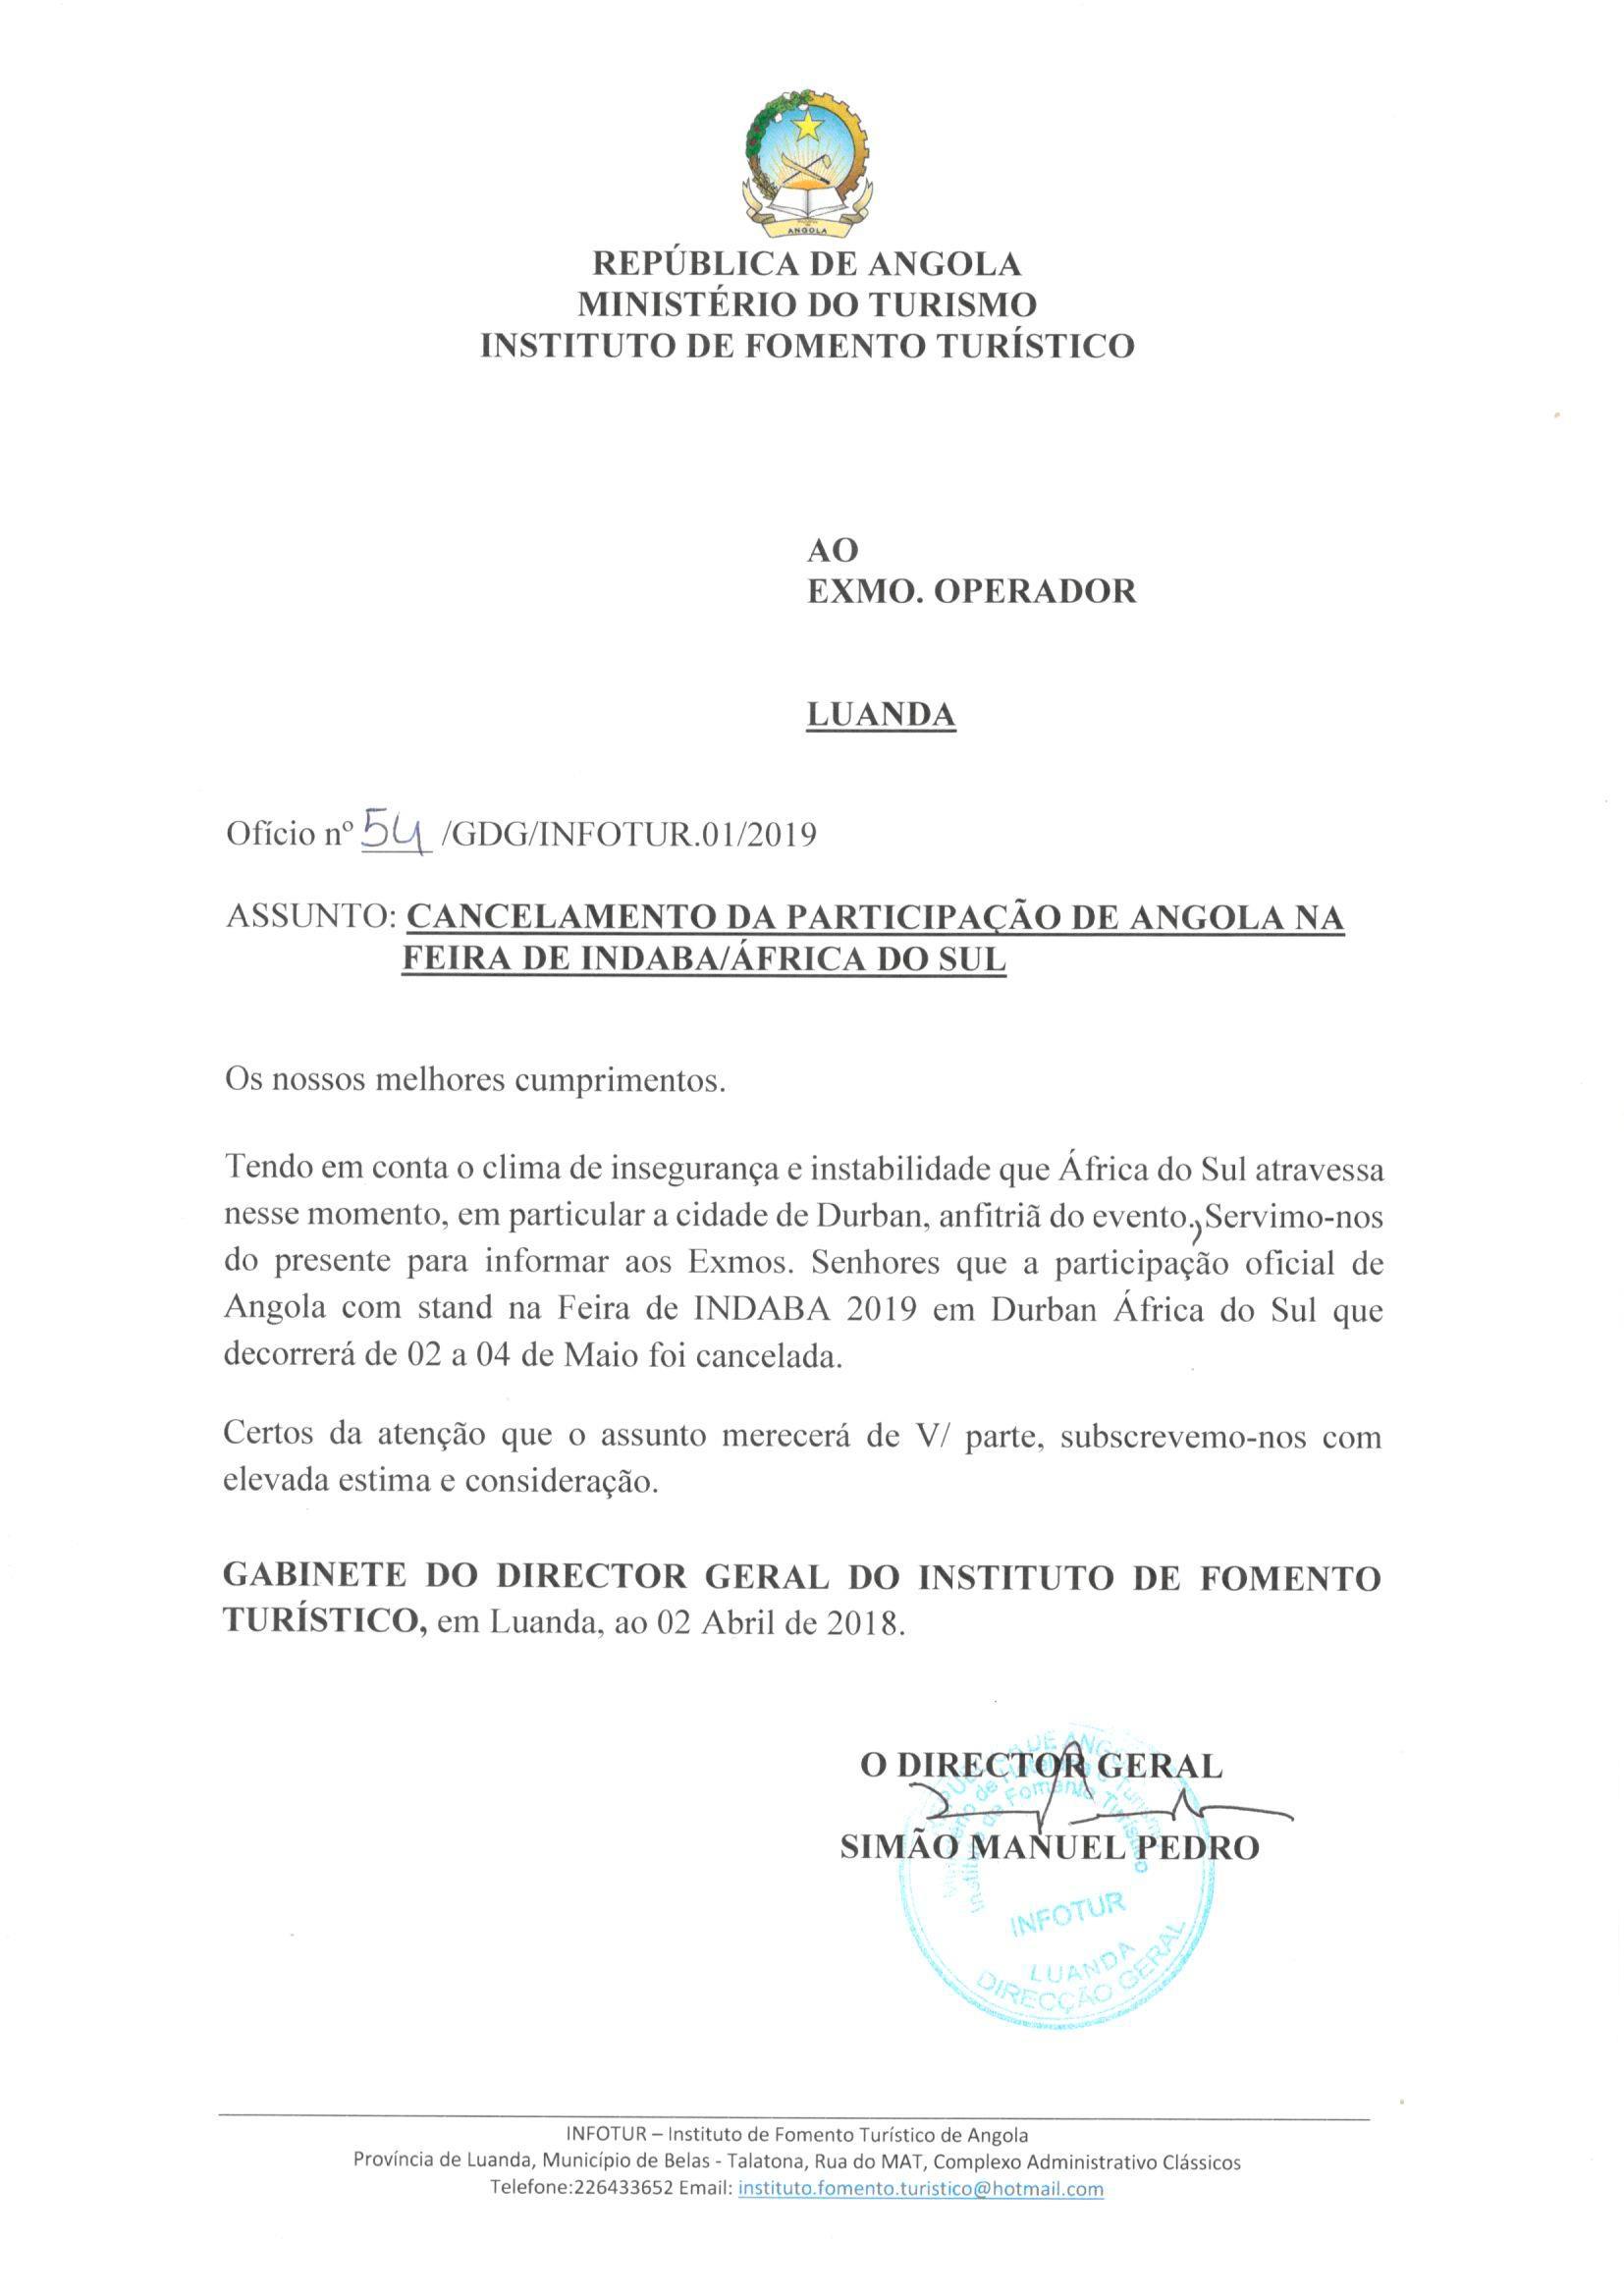 Angola cancela participação na feira de Indaba